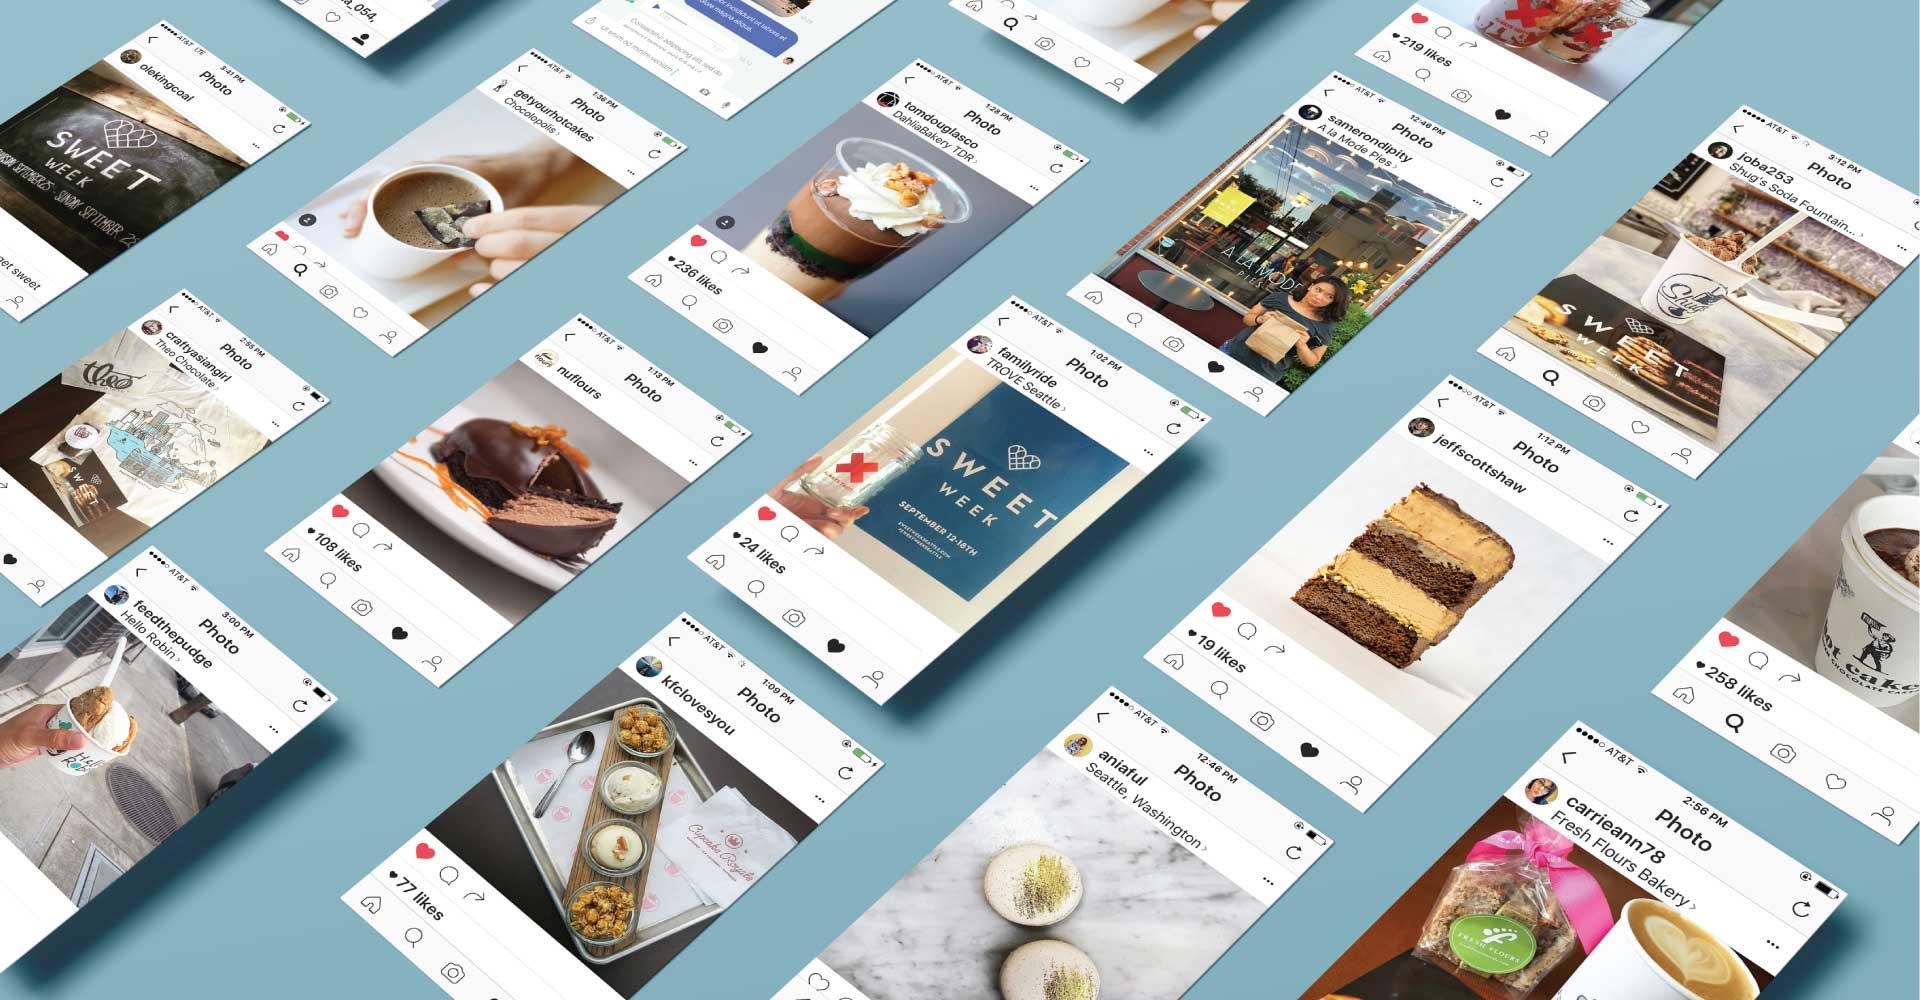 Creative_Retail_Packaging_Sweet_Week_Seattle_Branding_Design_07.jpg